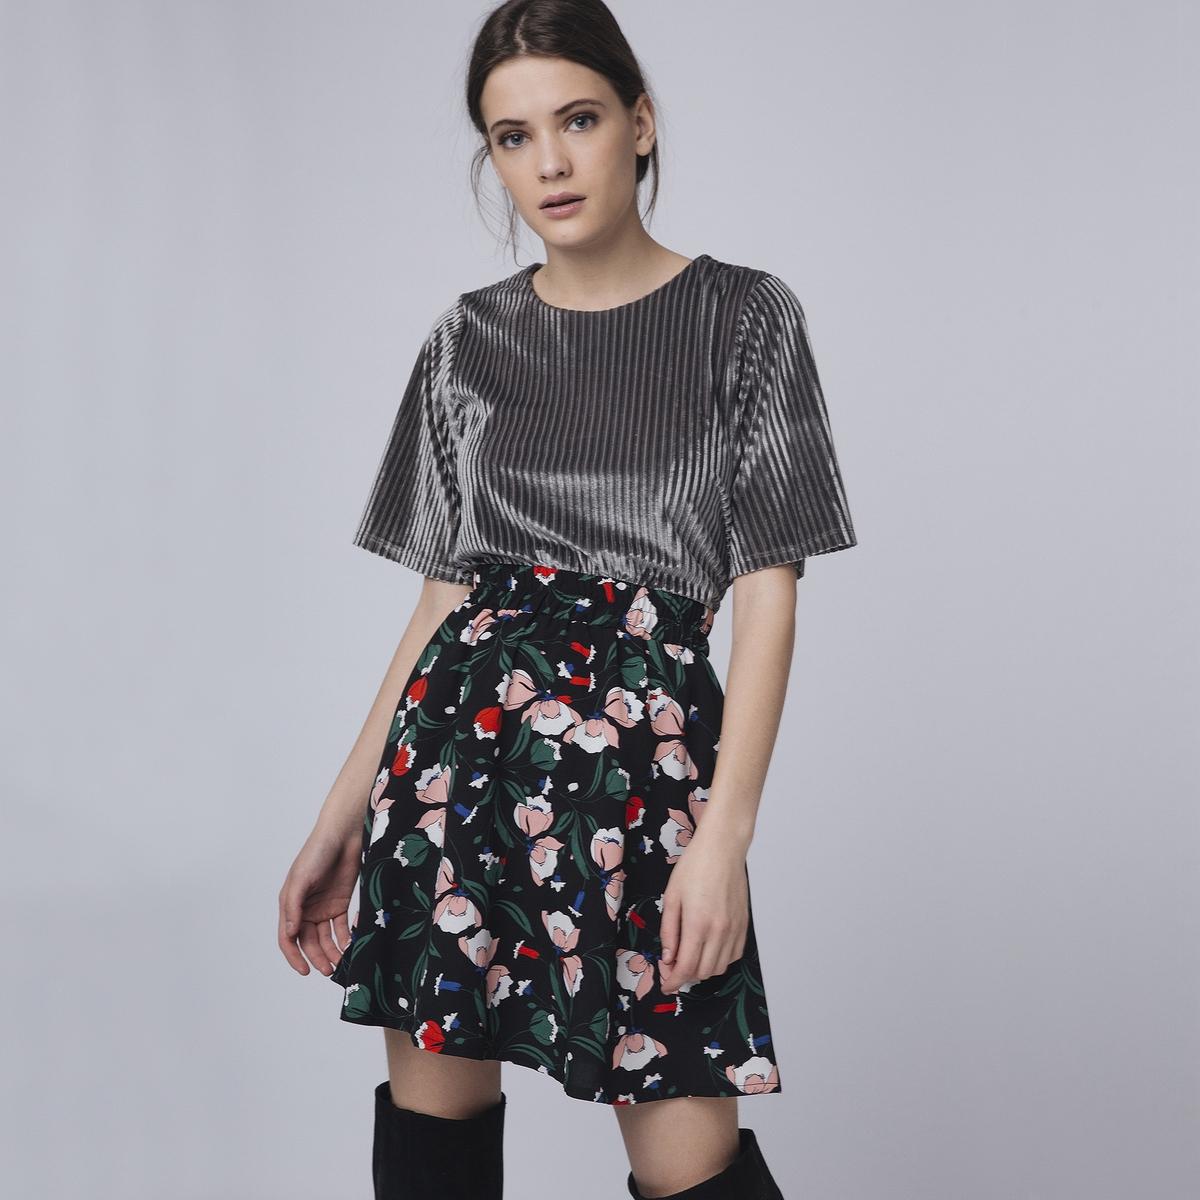 Юбка короткая расклешенная с цветочным принтом юбка расклешенная